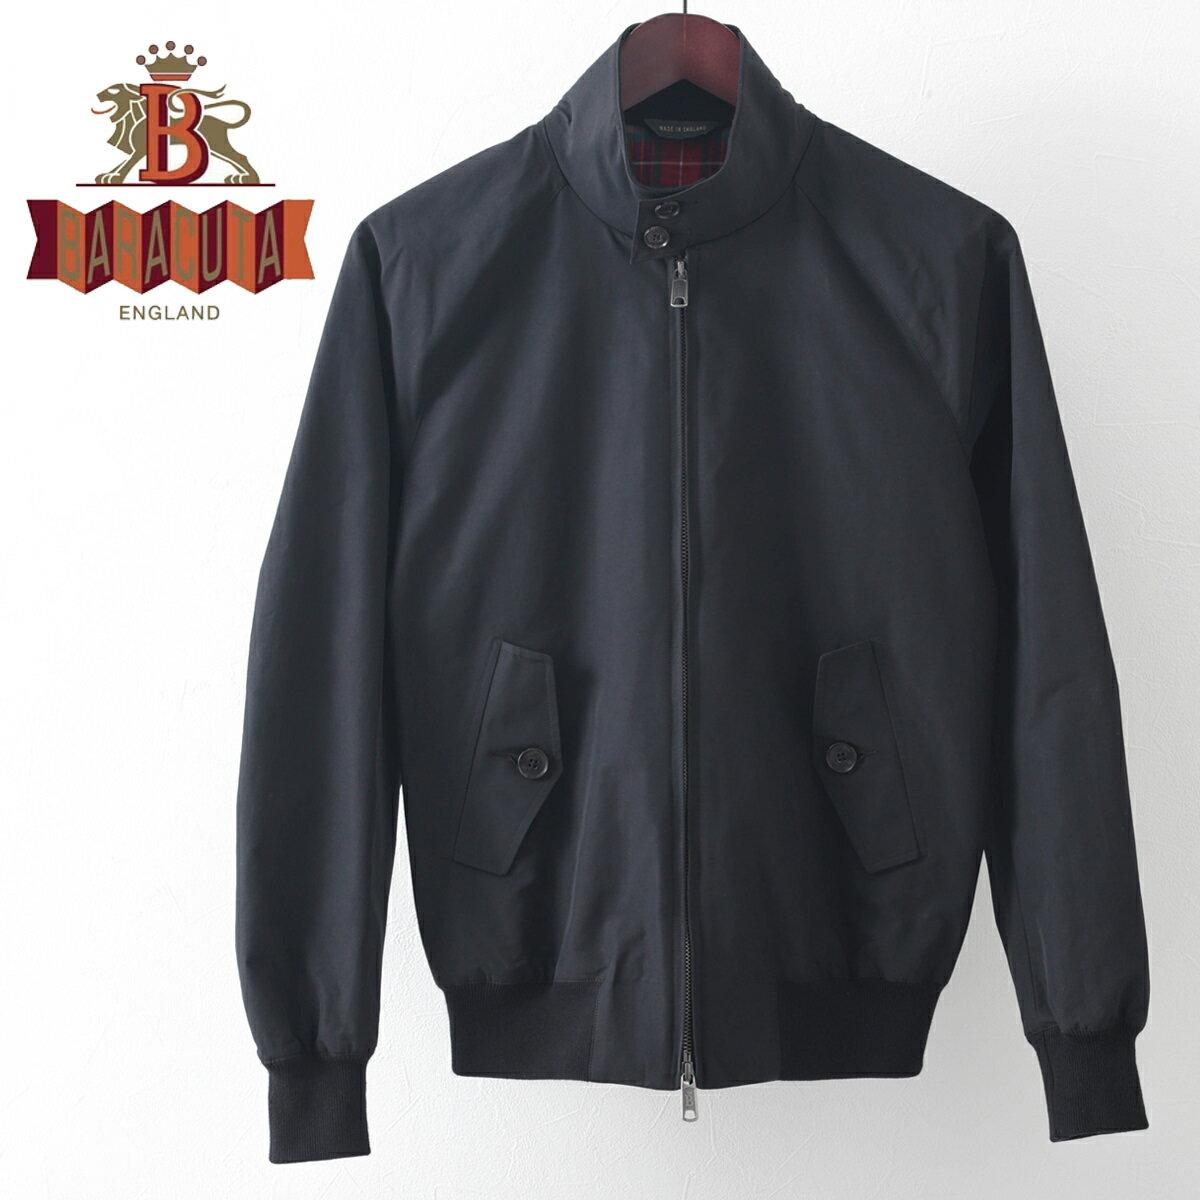 バラクータ G9 オリジナル ハリントンジャケット 17AW 新作 ブラック 英国製 メンズ リブ ブルゾン 上着 ギフト プレゼント